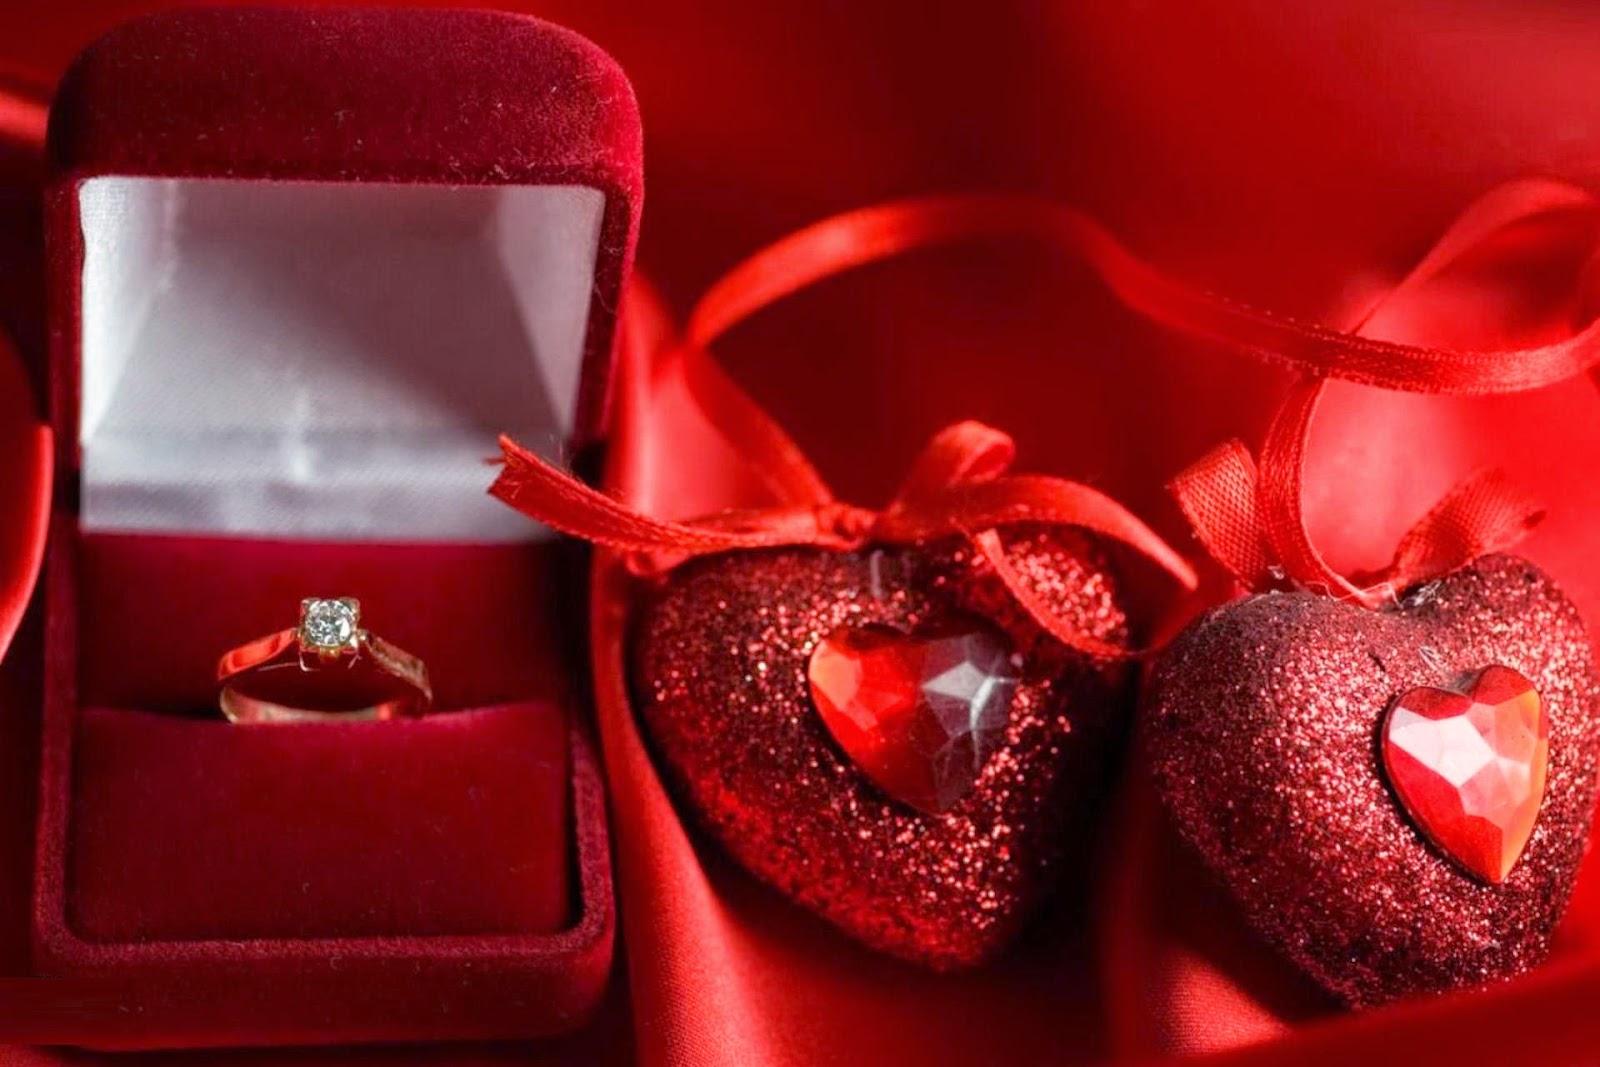 صور حب رومانسية 2020 صور رومانسية جديدة 2021 7